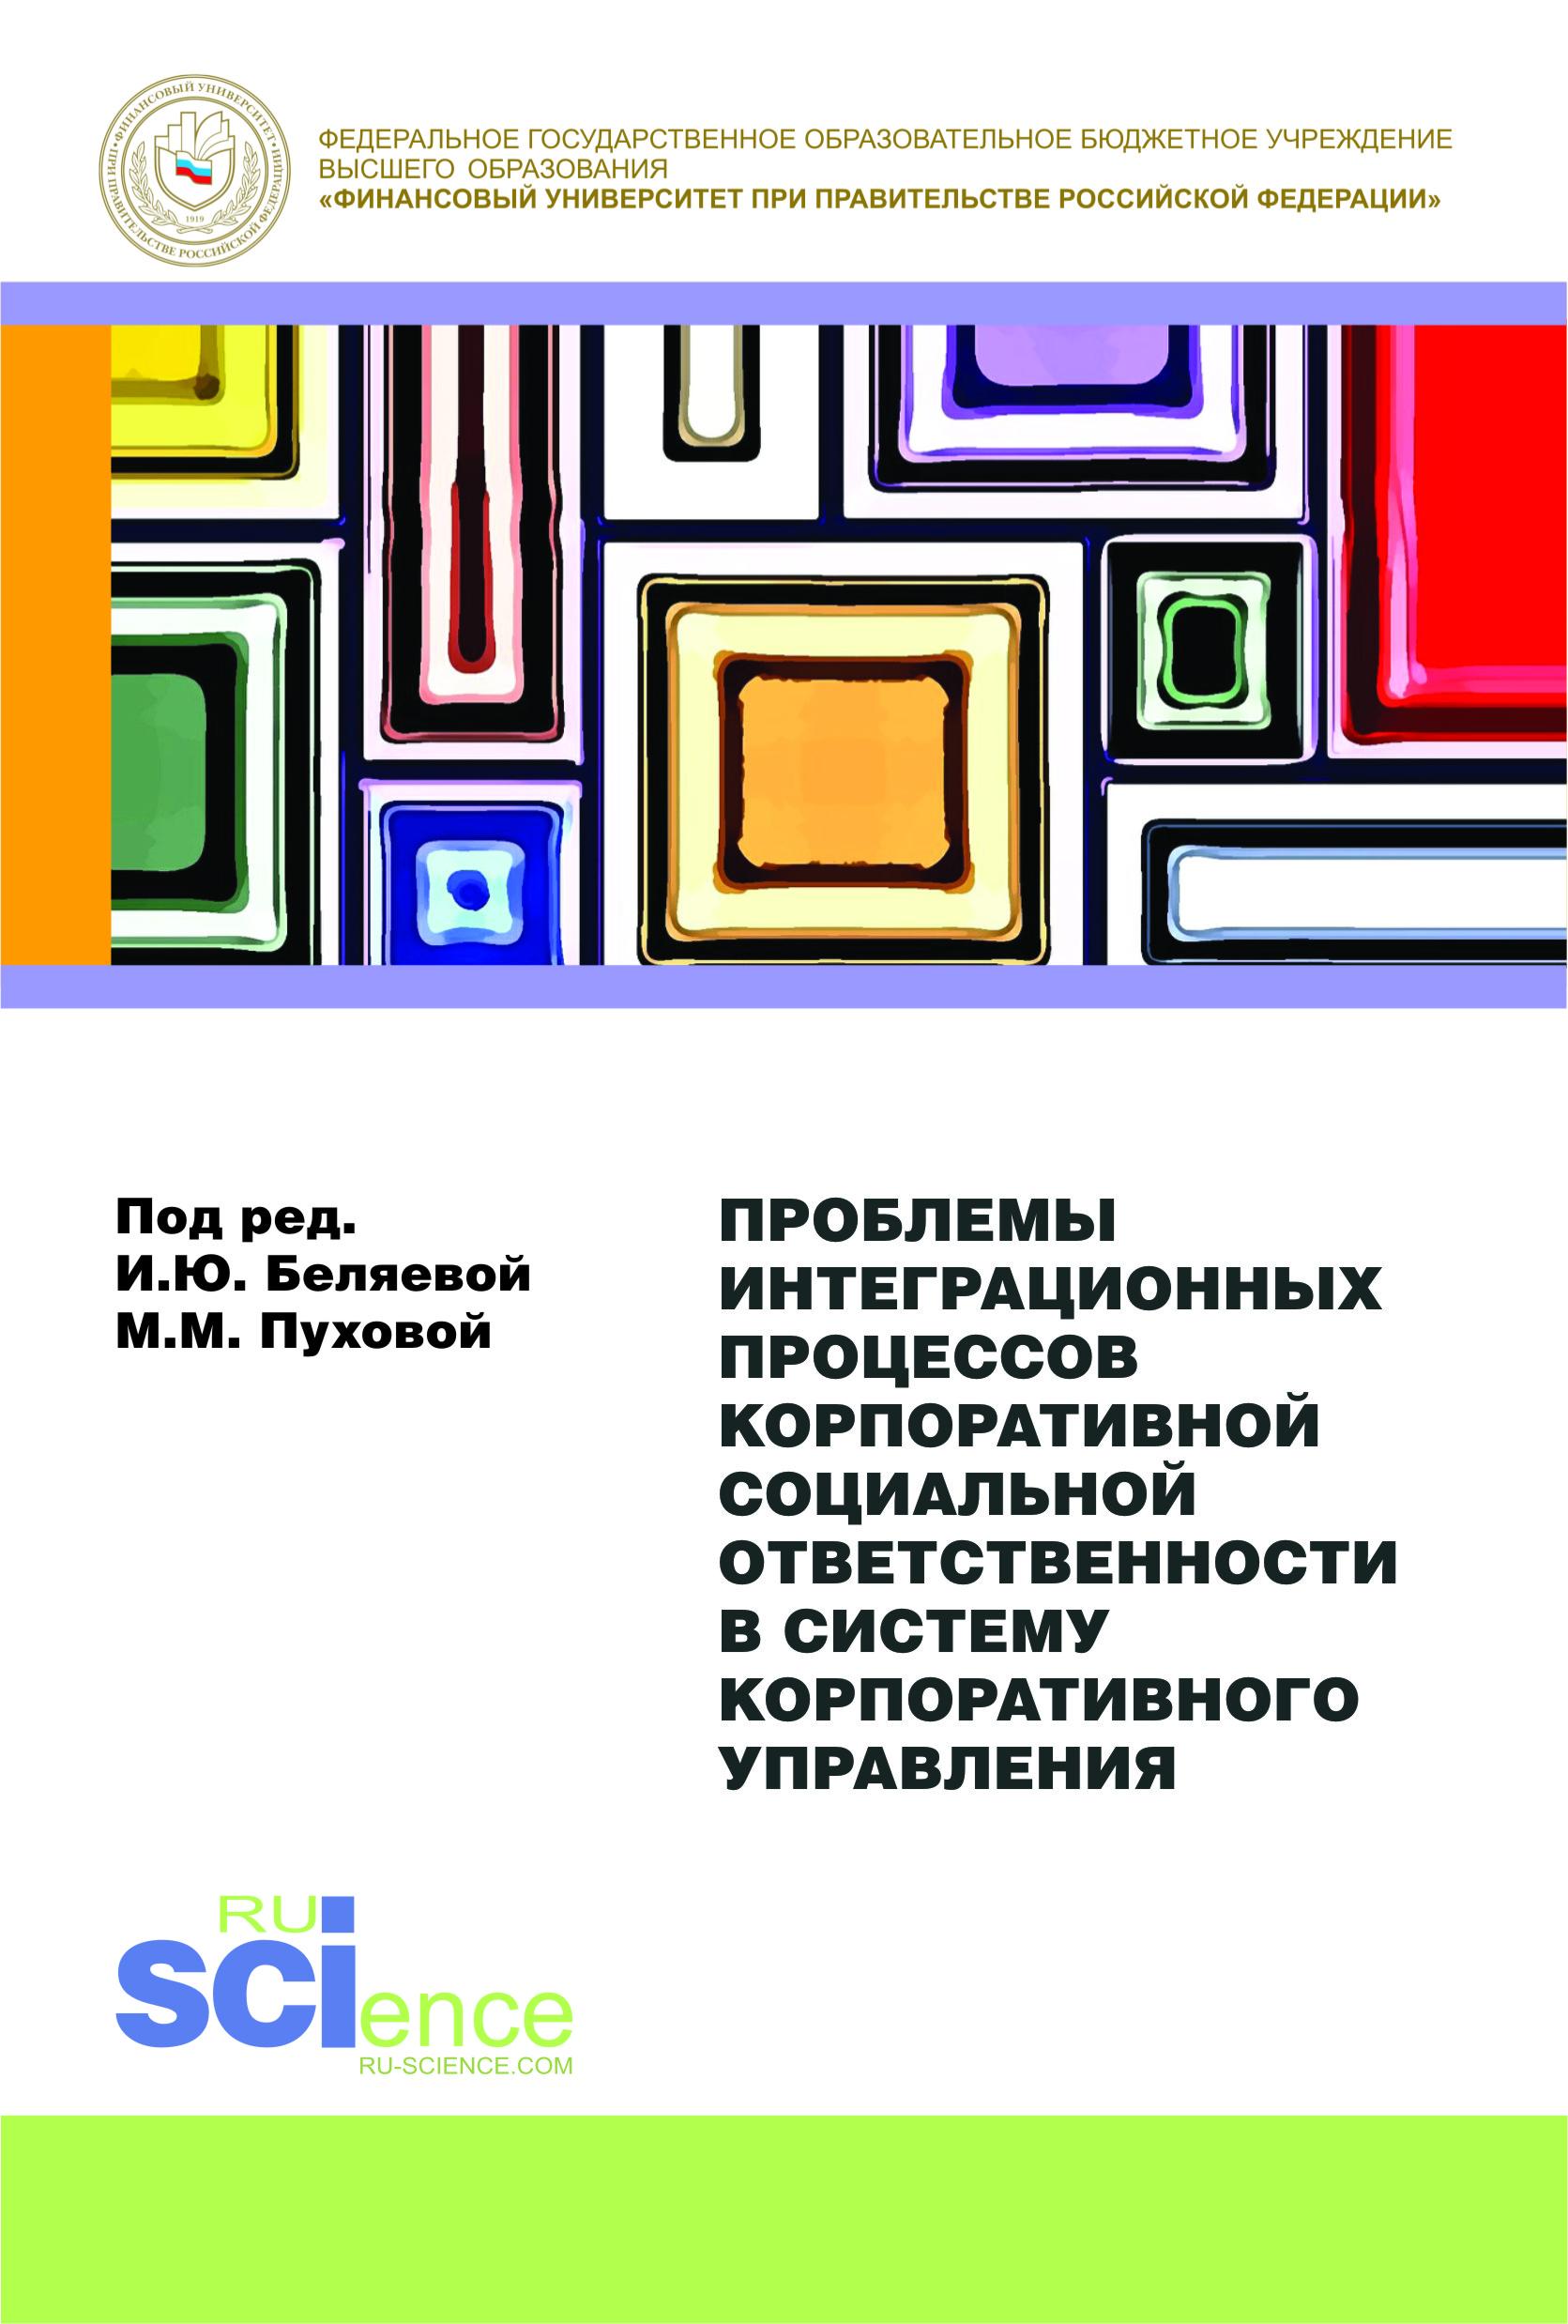 Проблемы интеграционных процессов корпоративной социальной ответственности в систему корпоративного управления. Монография